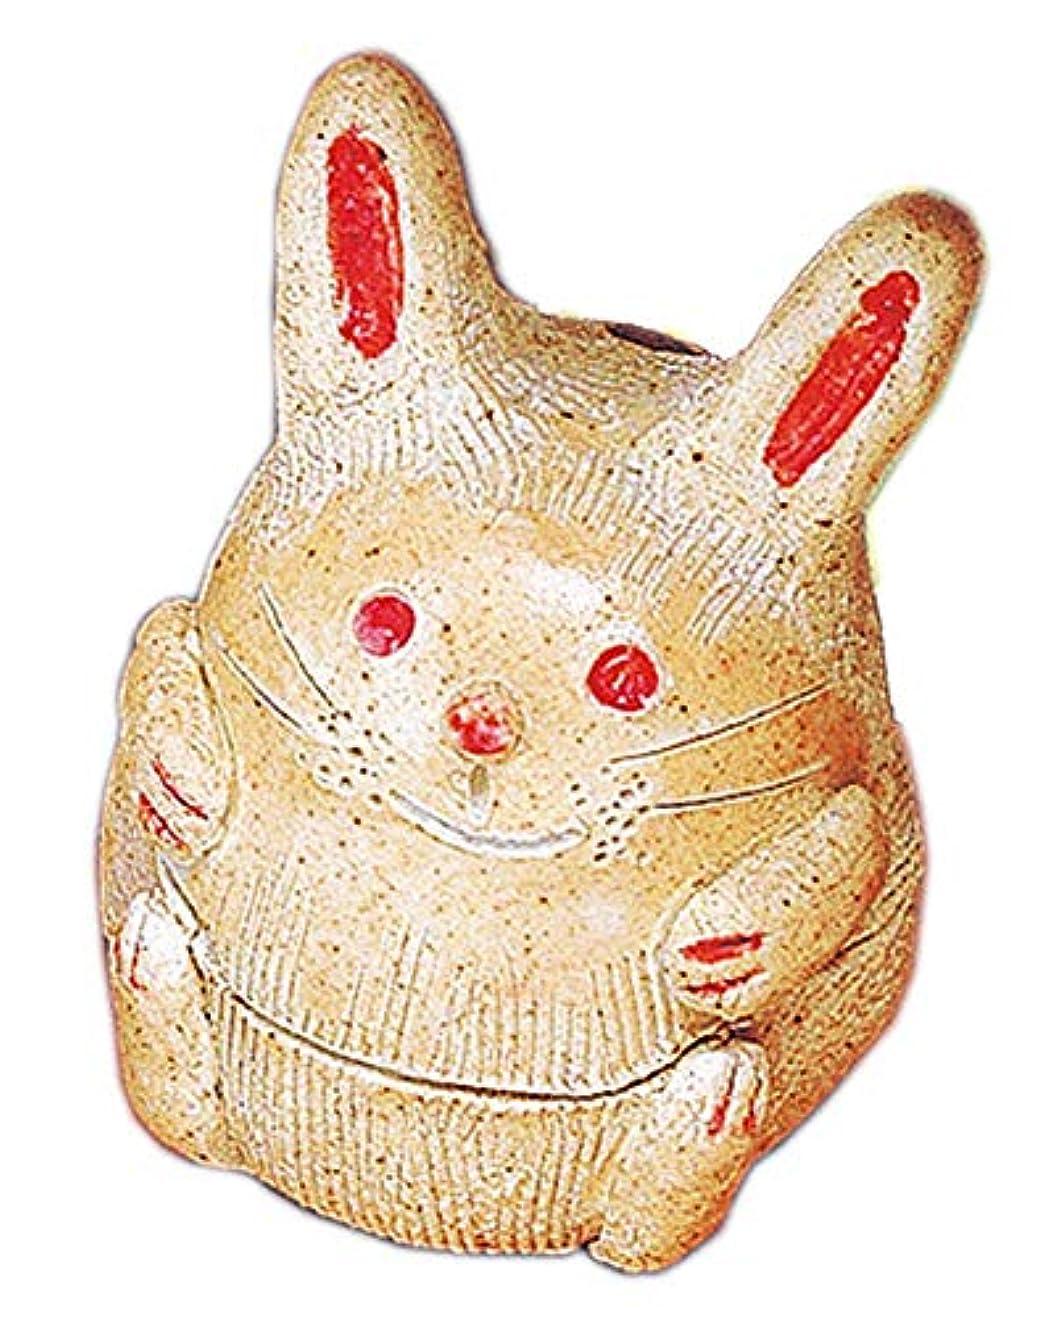 無視神聖ターミナル香炉 福ウサギ 香炉 [H8.5cm] HANDMADE プレゼント ギフト 和食器 かわいい インテリア